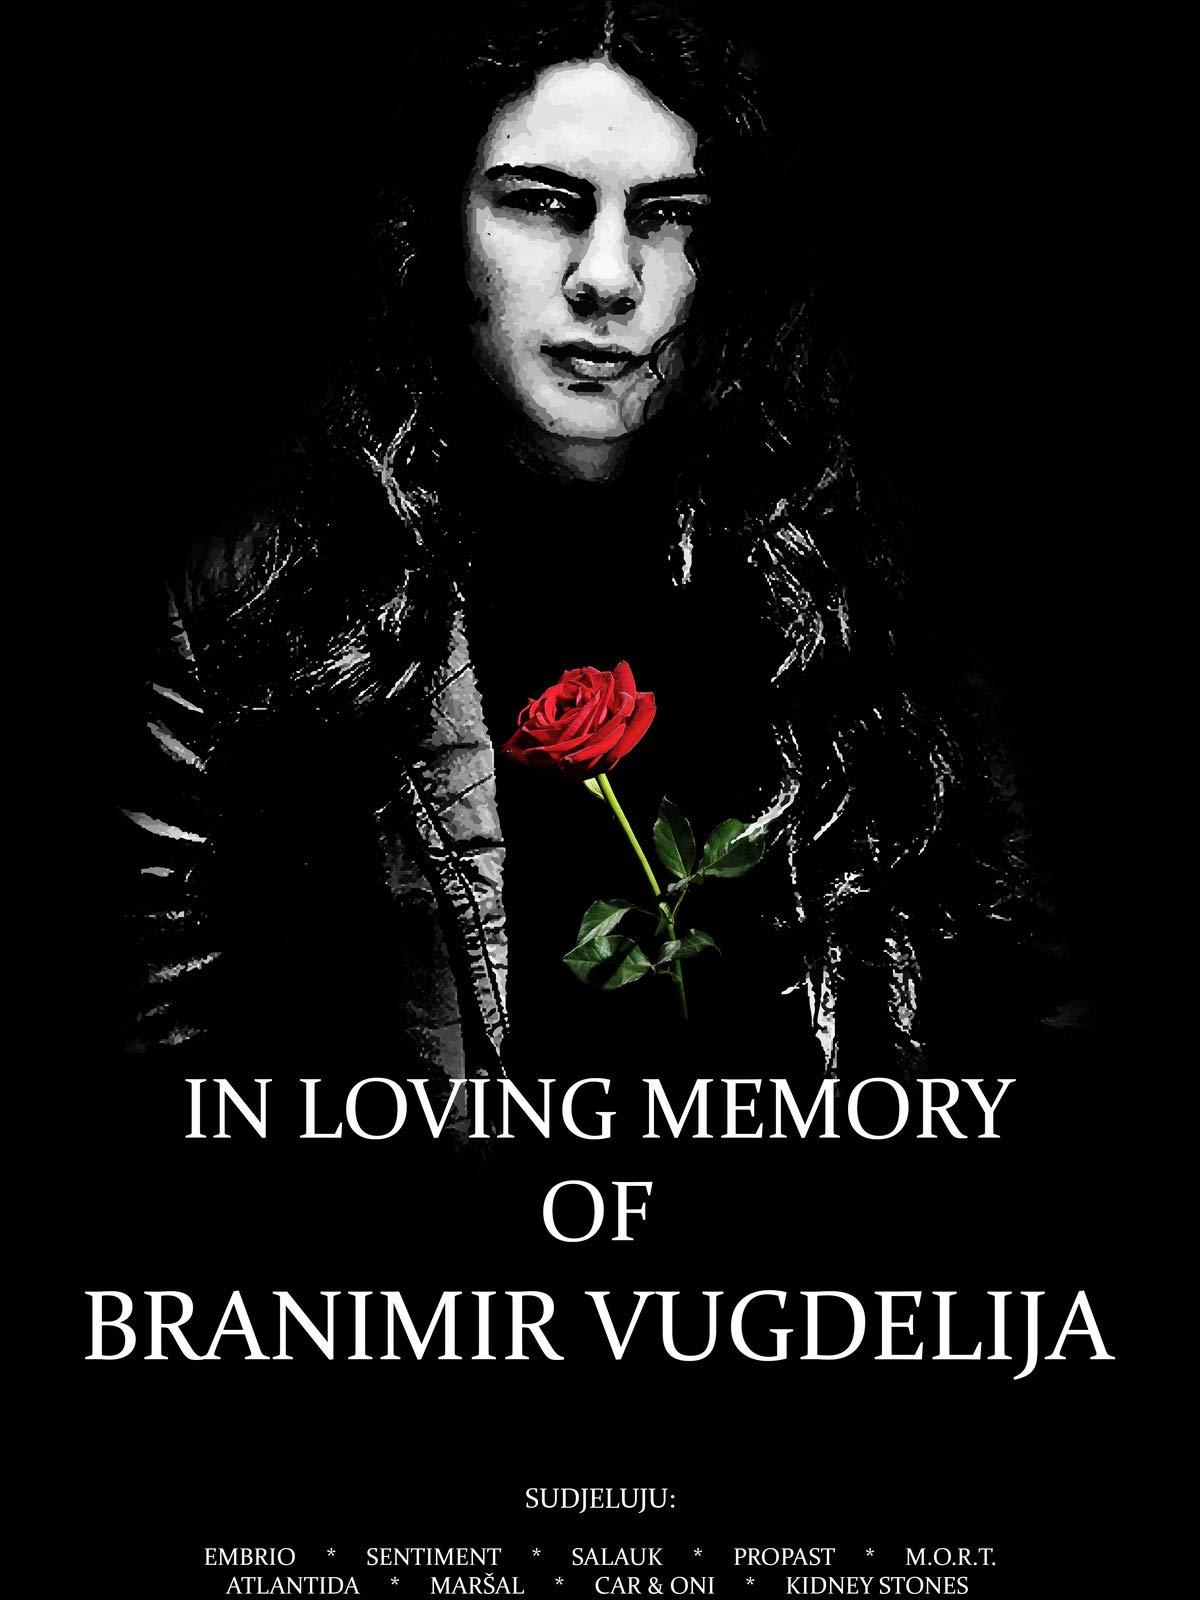 In Loving Memory Of Branimir Vugdelija